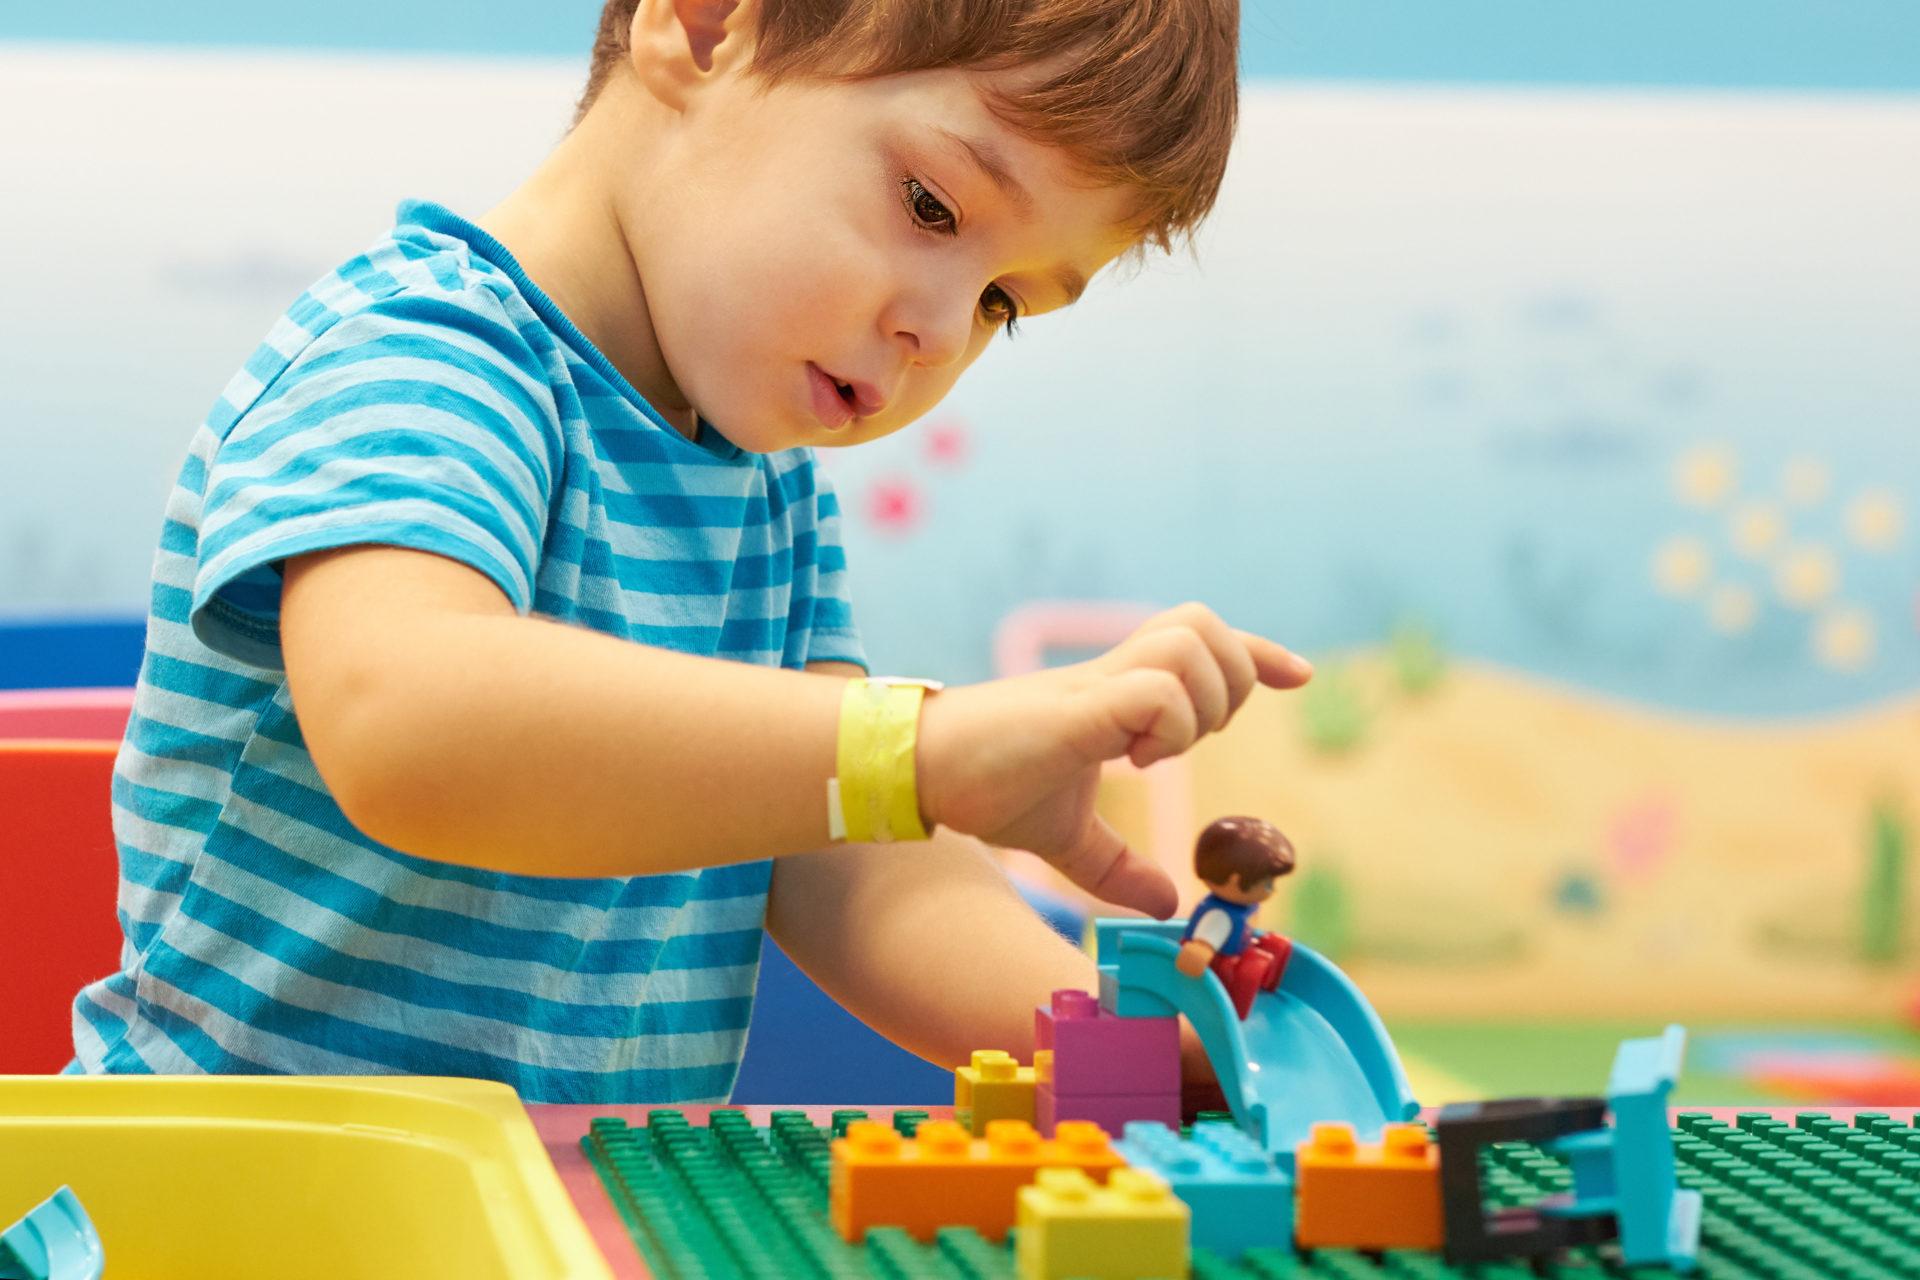 Jeu, Jouet Enfant - Jeu Enfant 2 Ans, 3 Ans, 4 Ans Et 5 Ans serapportantà Jouet Pour Enfant De 2 Ans